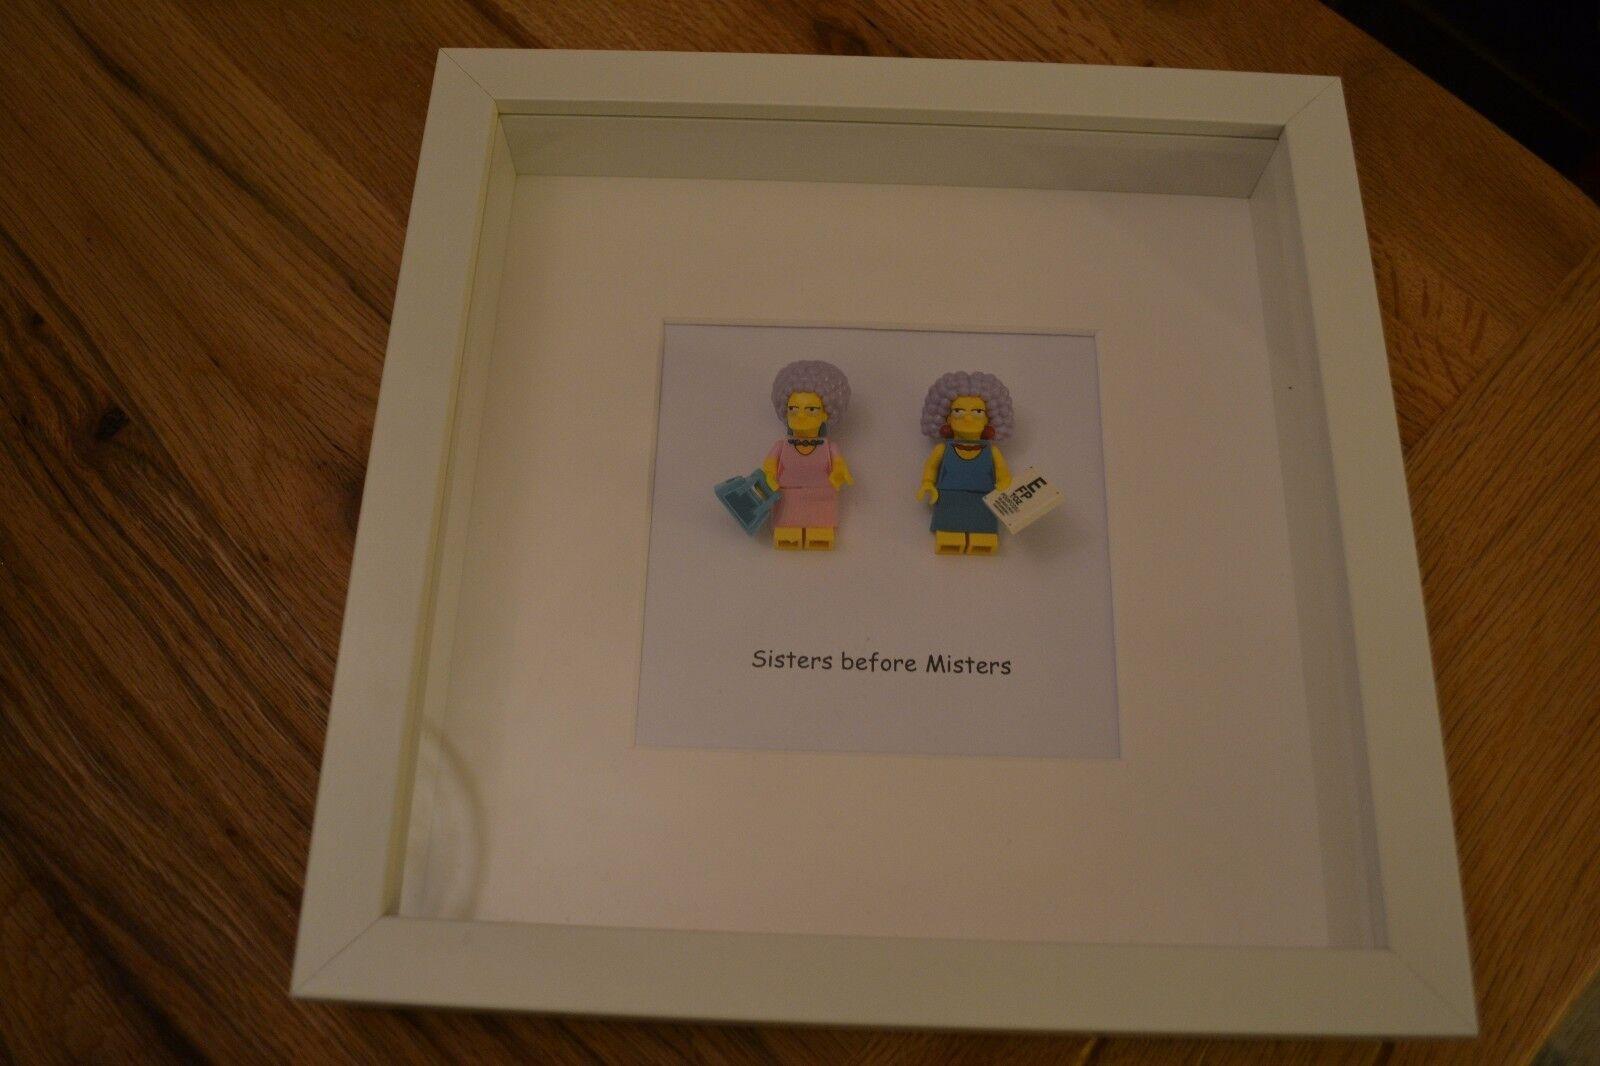 Lego Patty y Selma-The Simpsons Mini Figura Figura Figura hermana cotización de imagen 8b1ad3